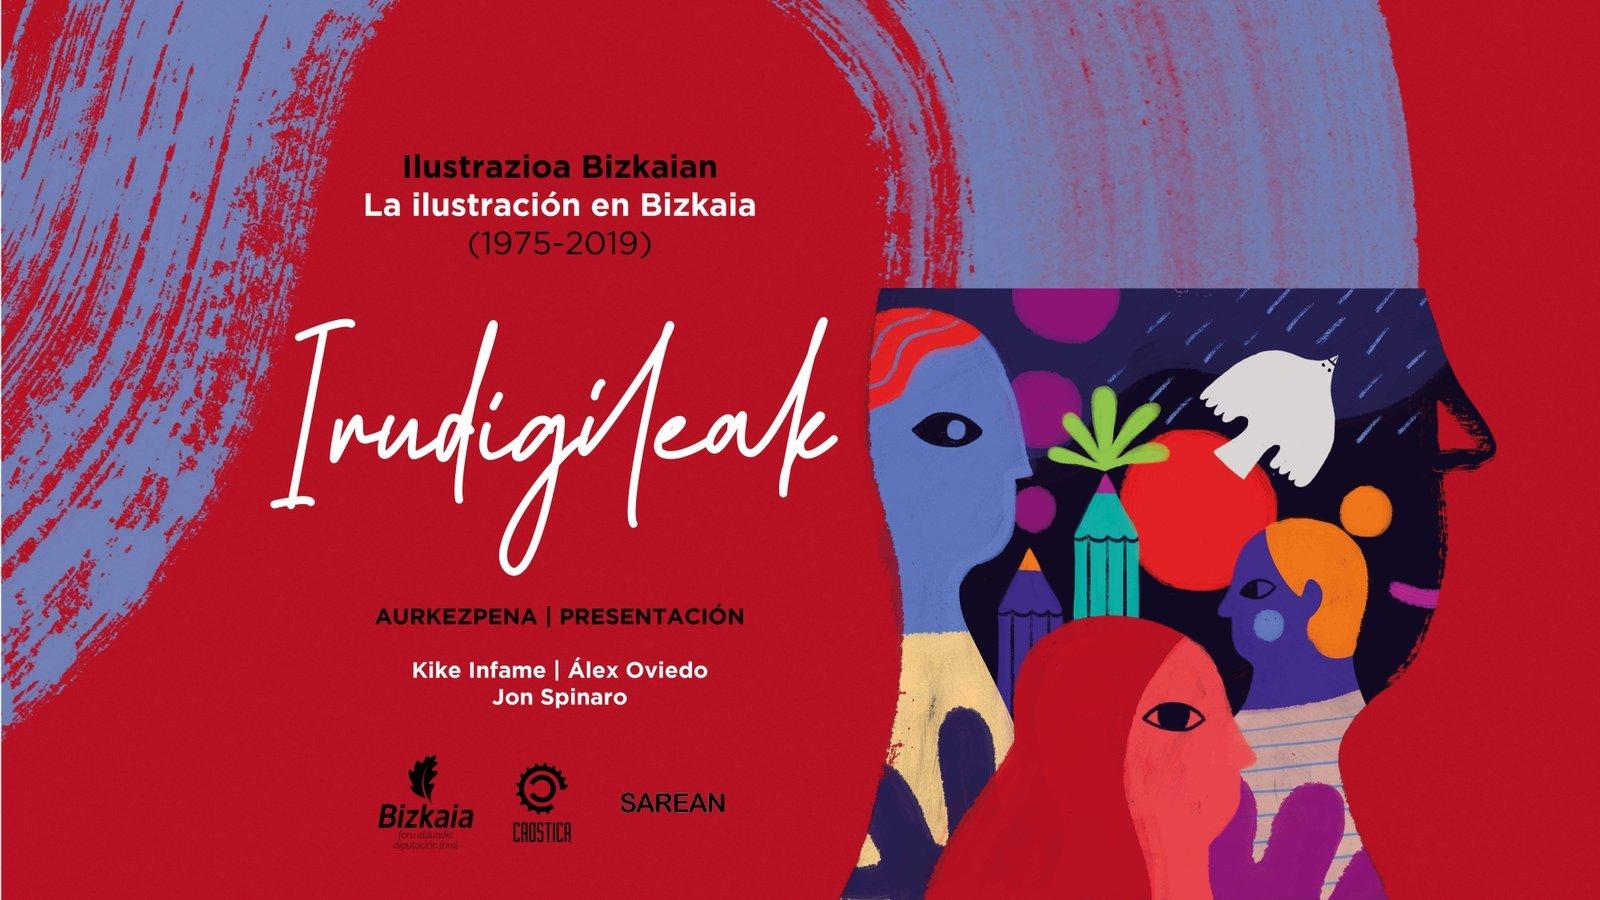 Presentación del libro «Irudigileak: ilustrazioa Bizkaian. La ilustración en Bizkaia (1975-2019)»